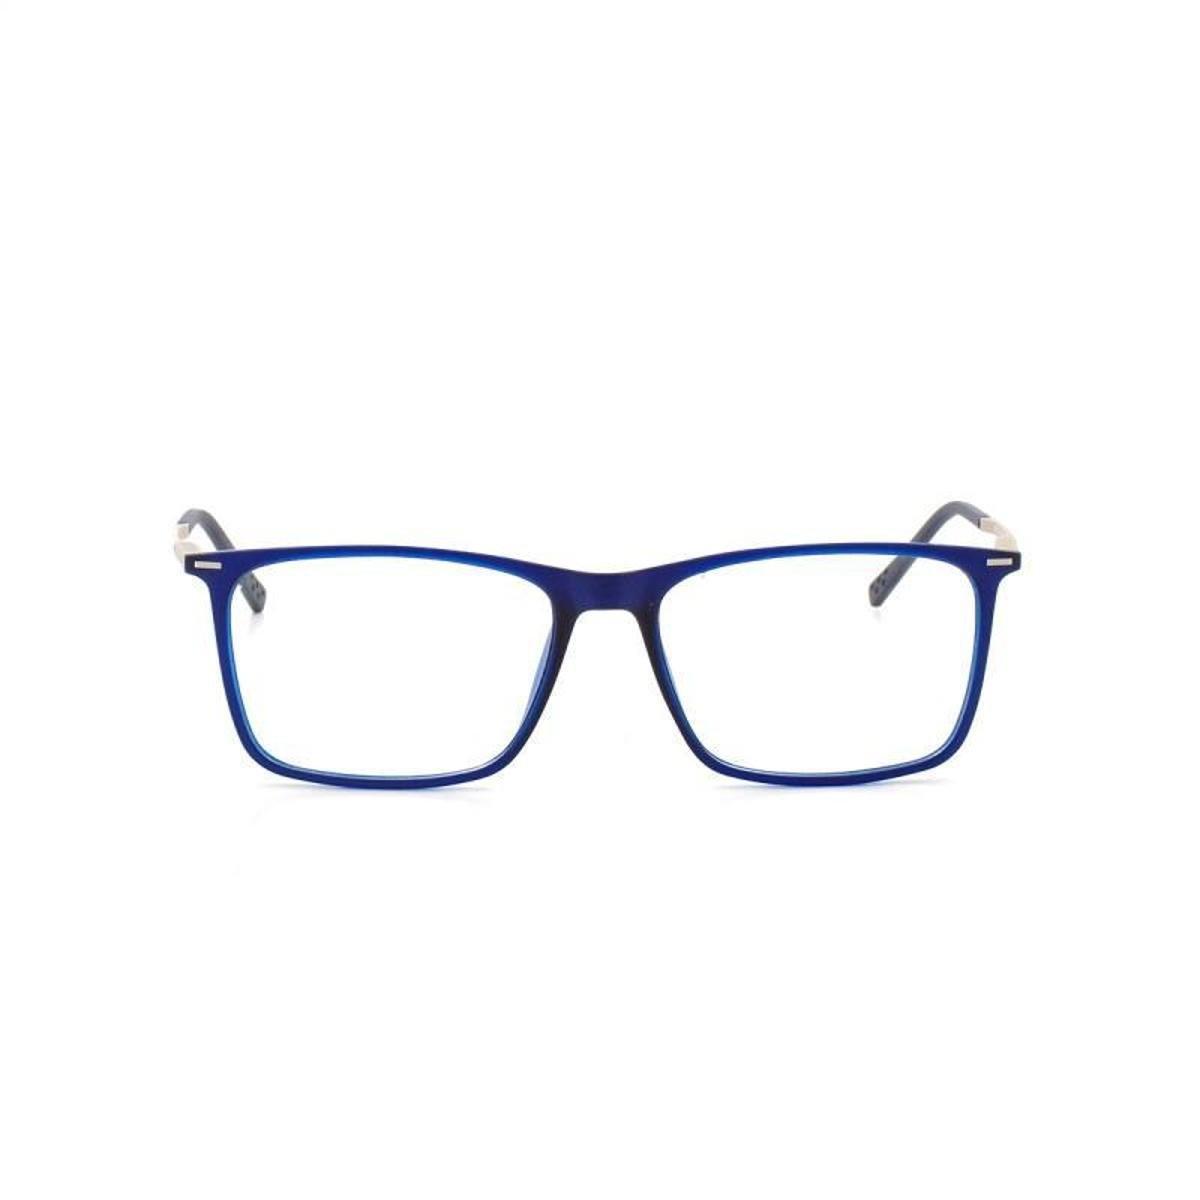 Armação De Óculos De Grau Cannes 9068 T 53 C 3 Masculino - Compre ... cfafbb070a